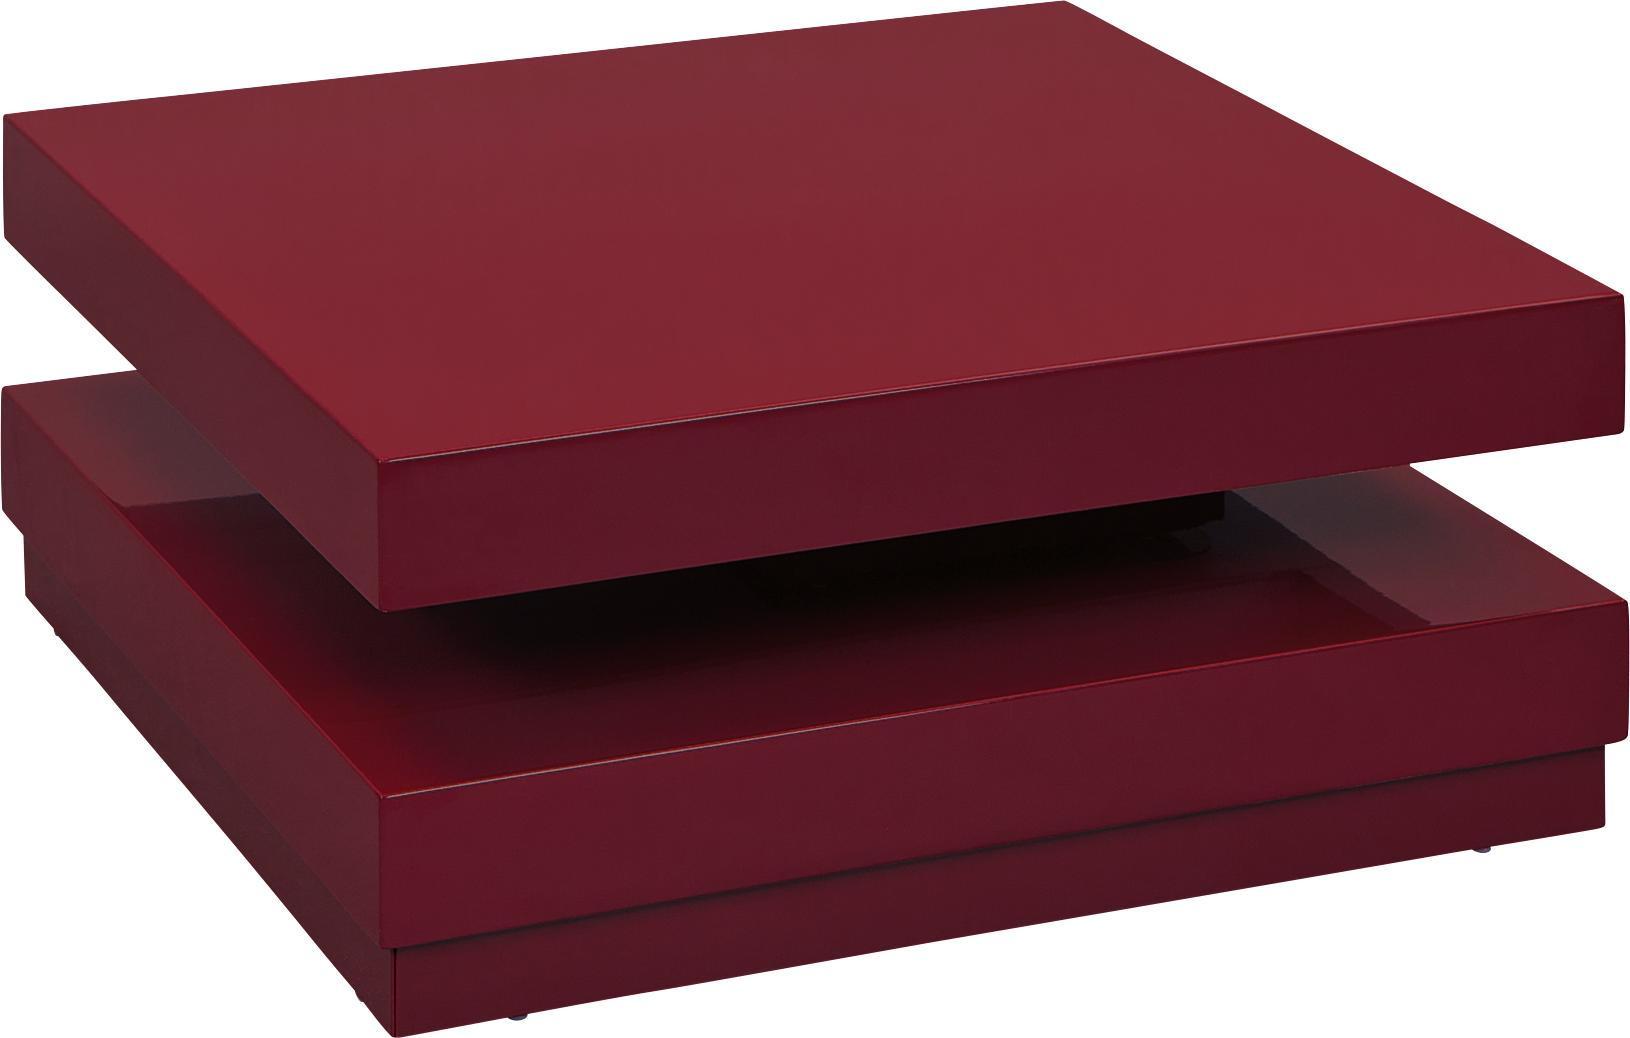 COUCHTISCH Rot online kaufen ➤ XXXLutz